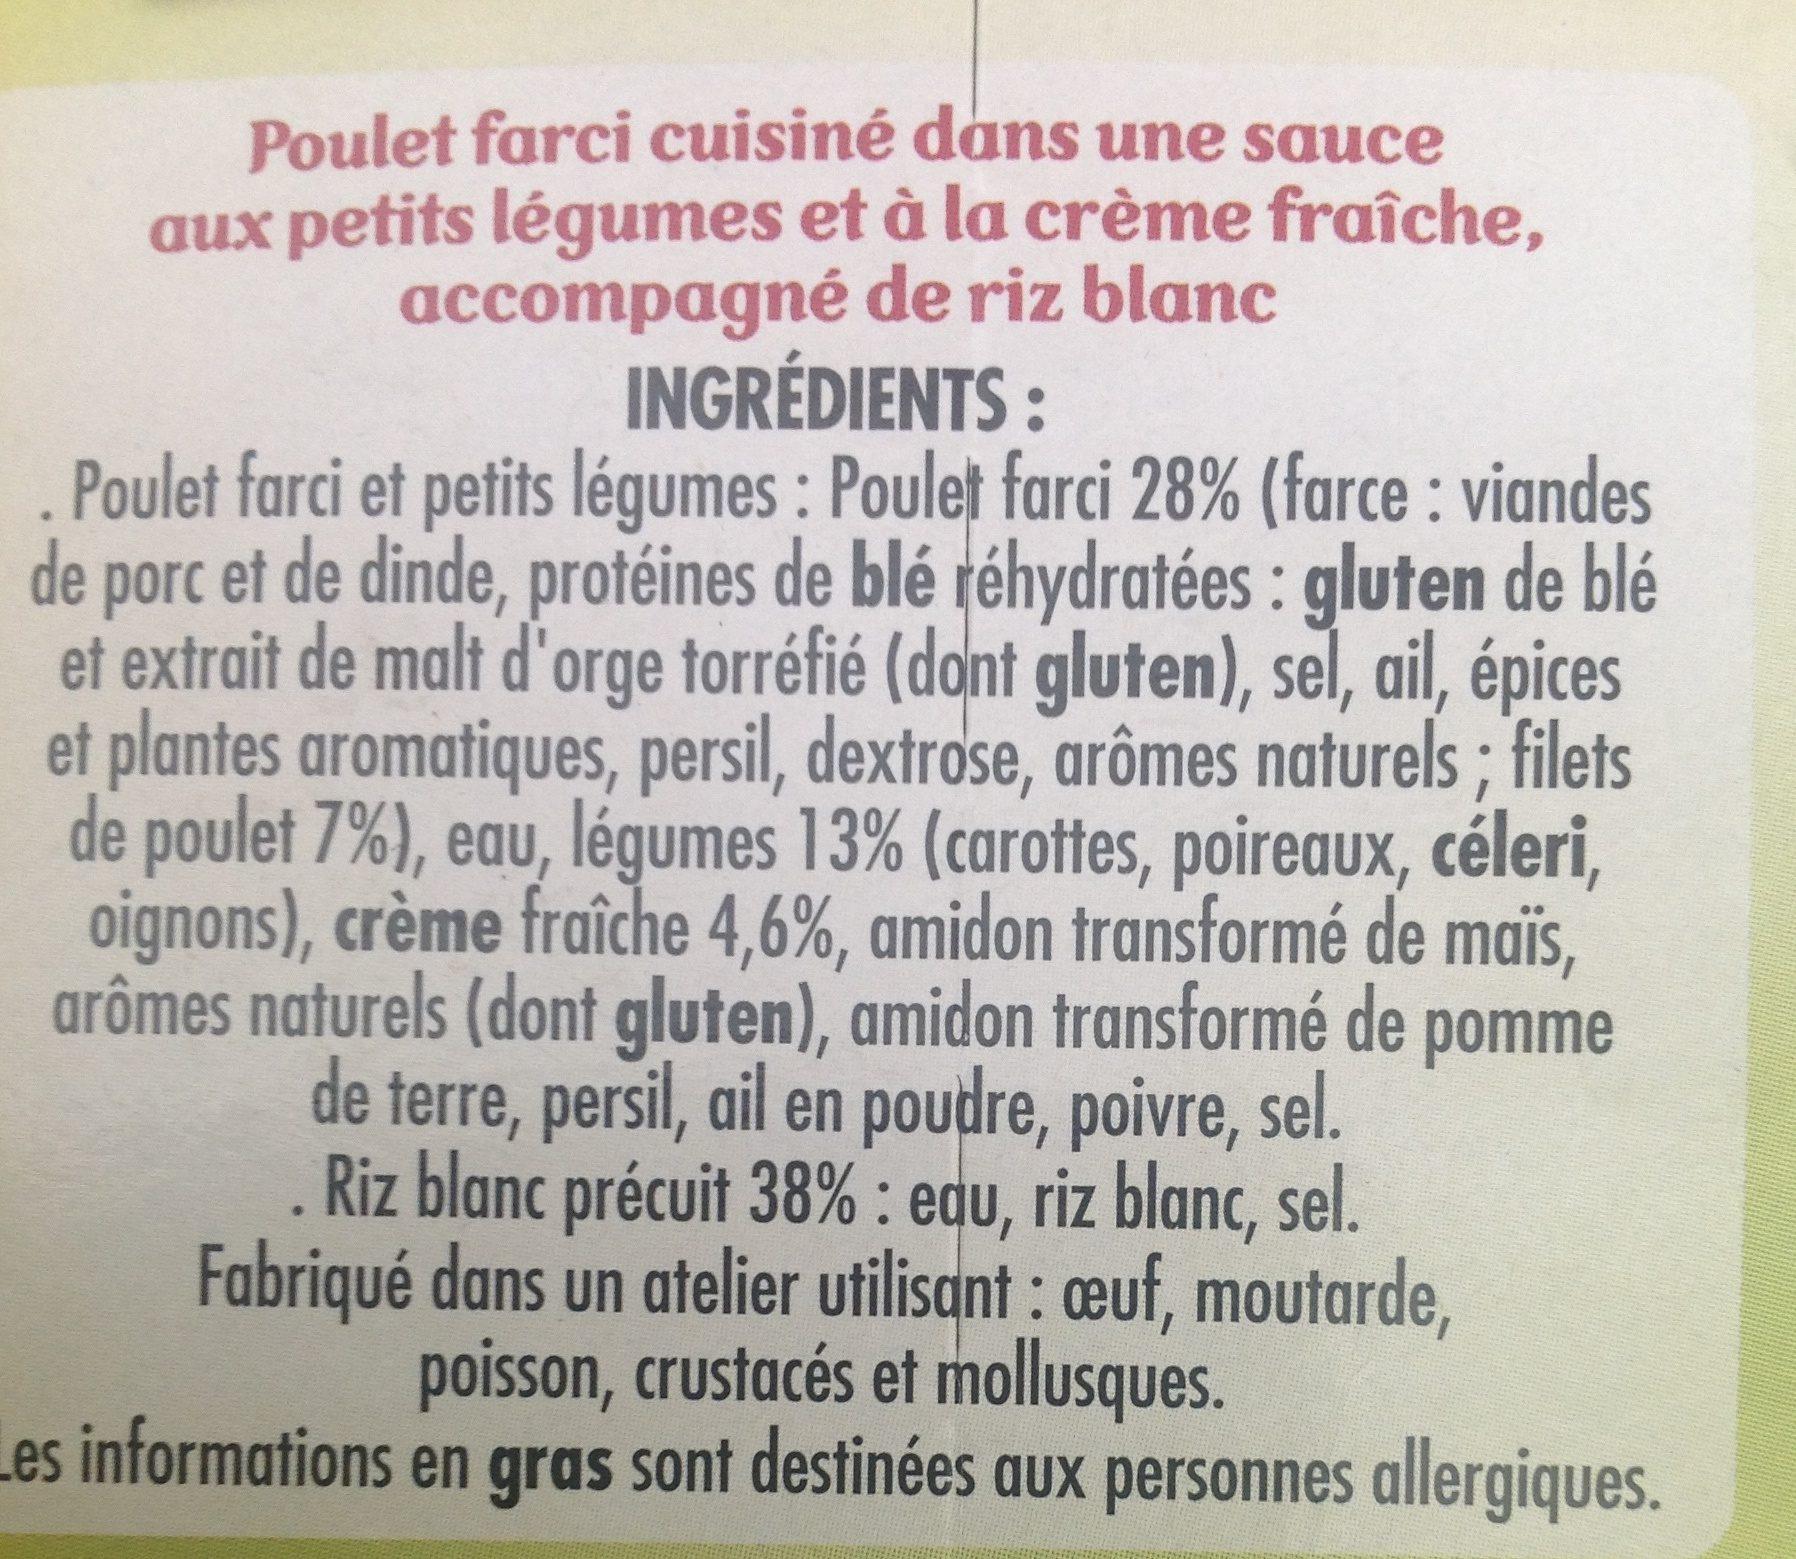 Poulet farci petits legumes et riz blanc - Ingredients - fr